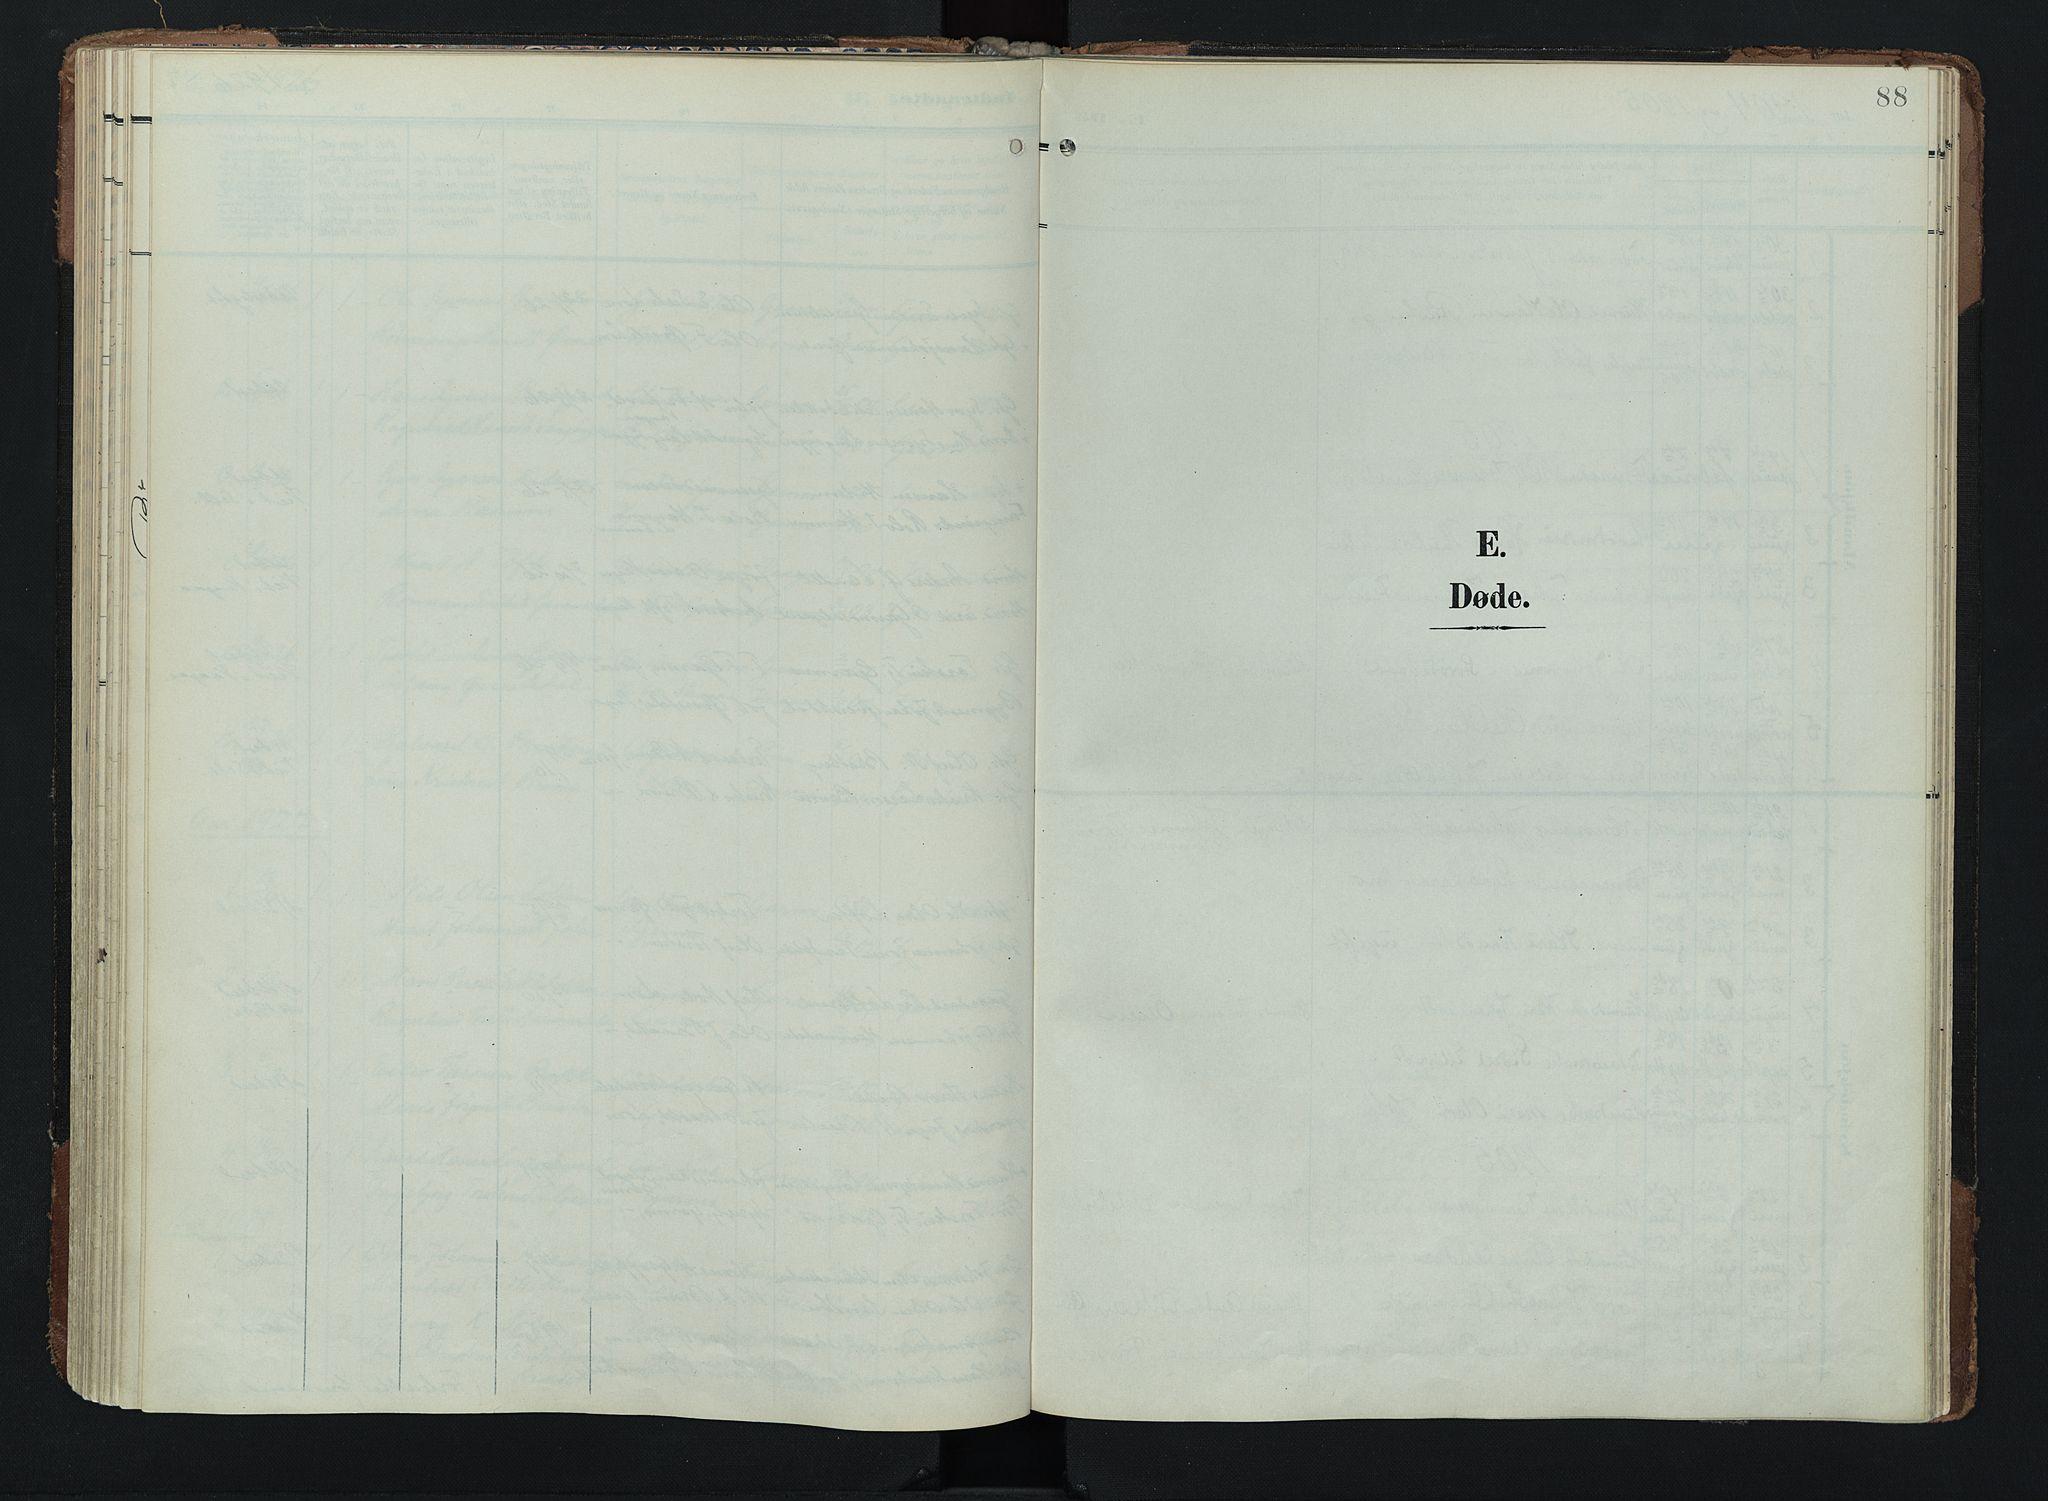 SAH, Lom prestekontor, K/L0011: Ministerialbok nr. 11, 1904-1928, s. 88